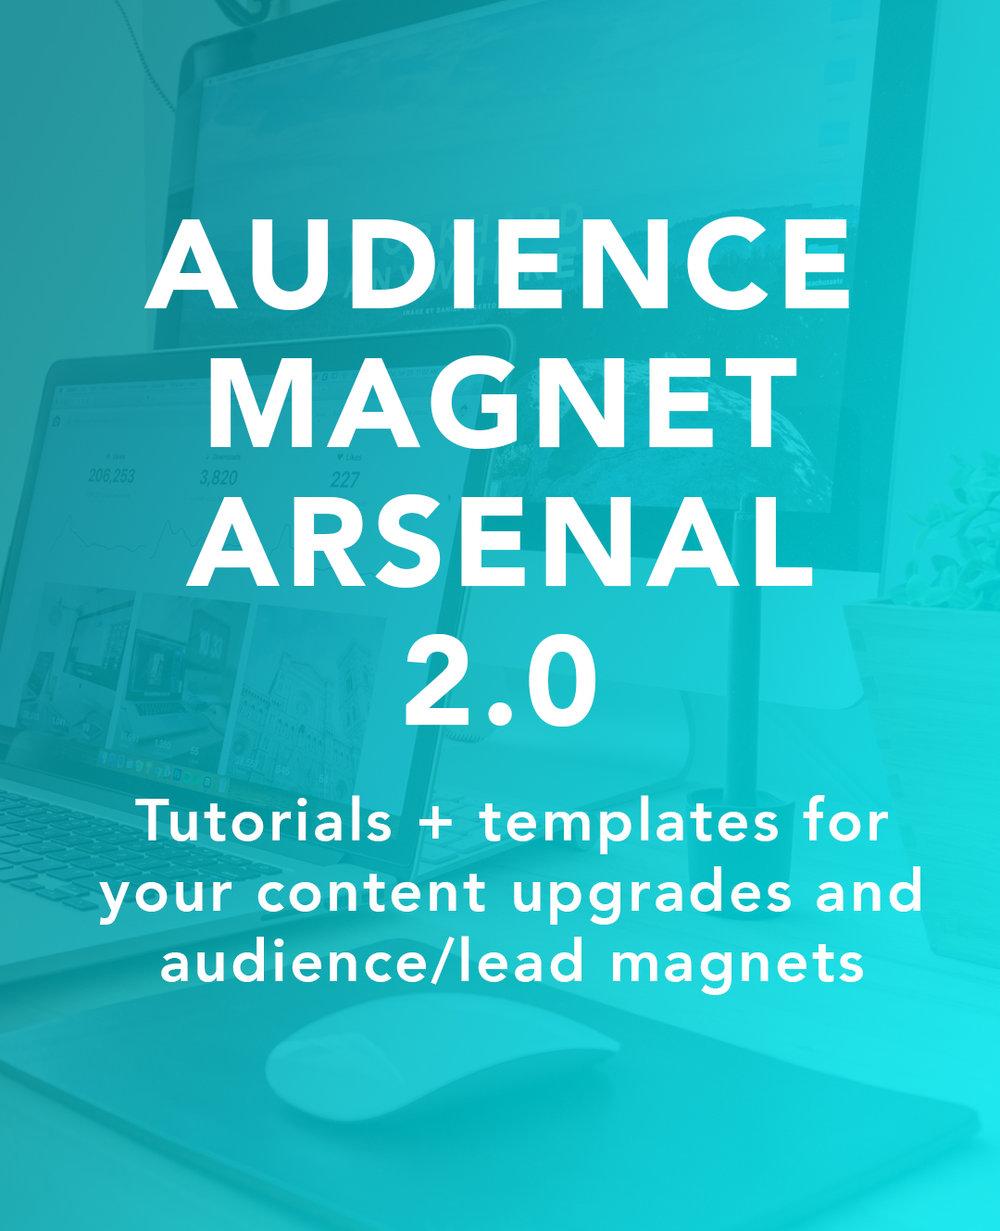 Audience-Magnet-Arsenal-Thumbnail.jpg